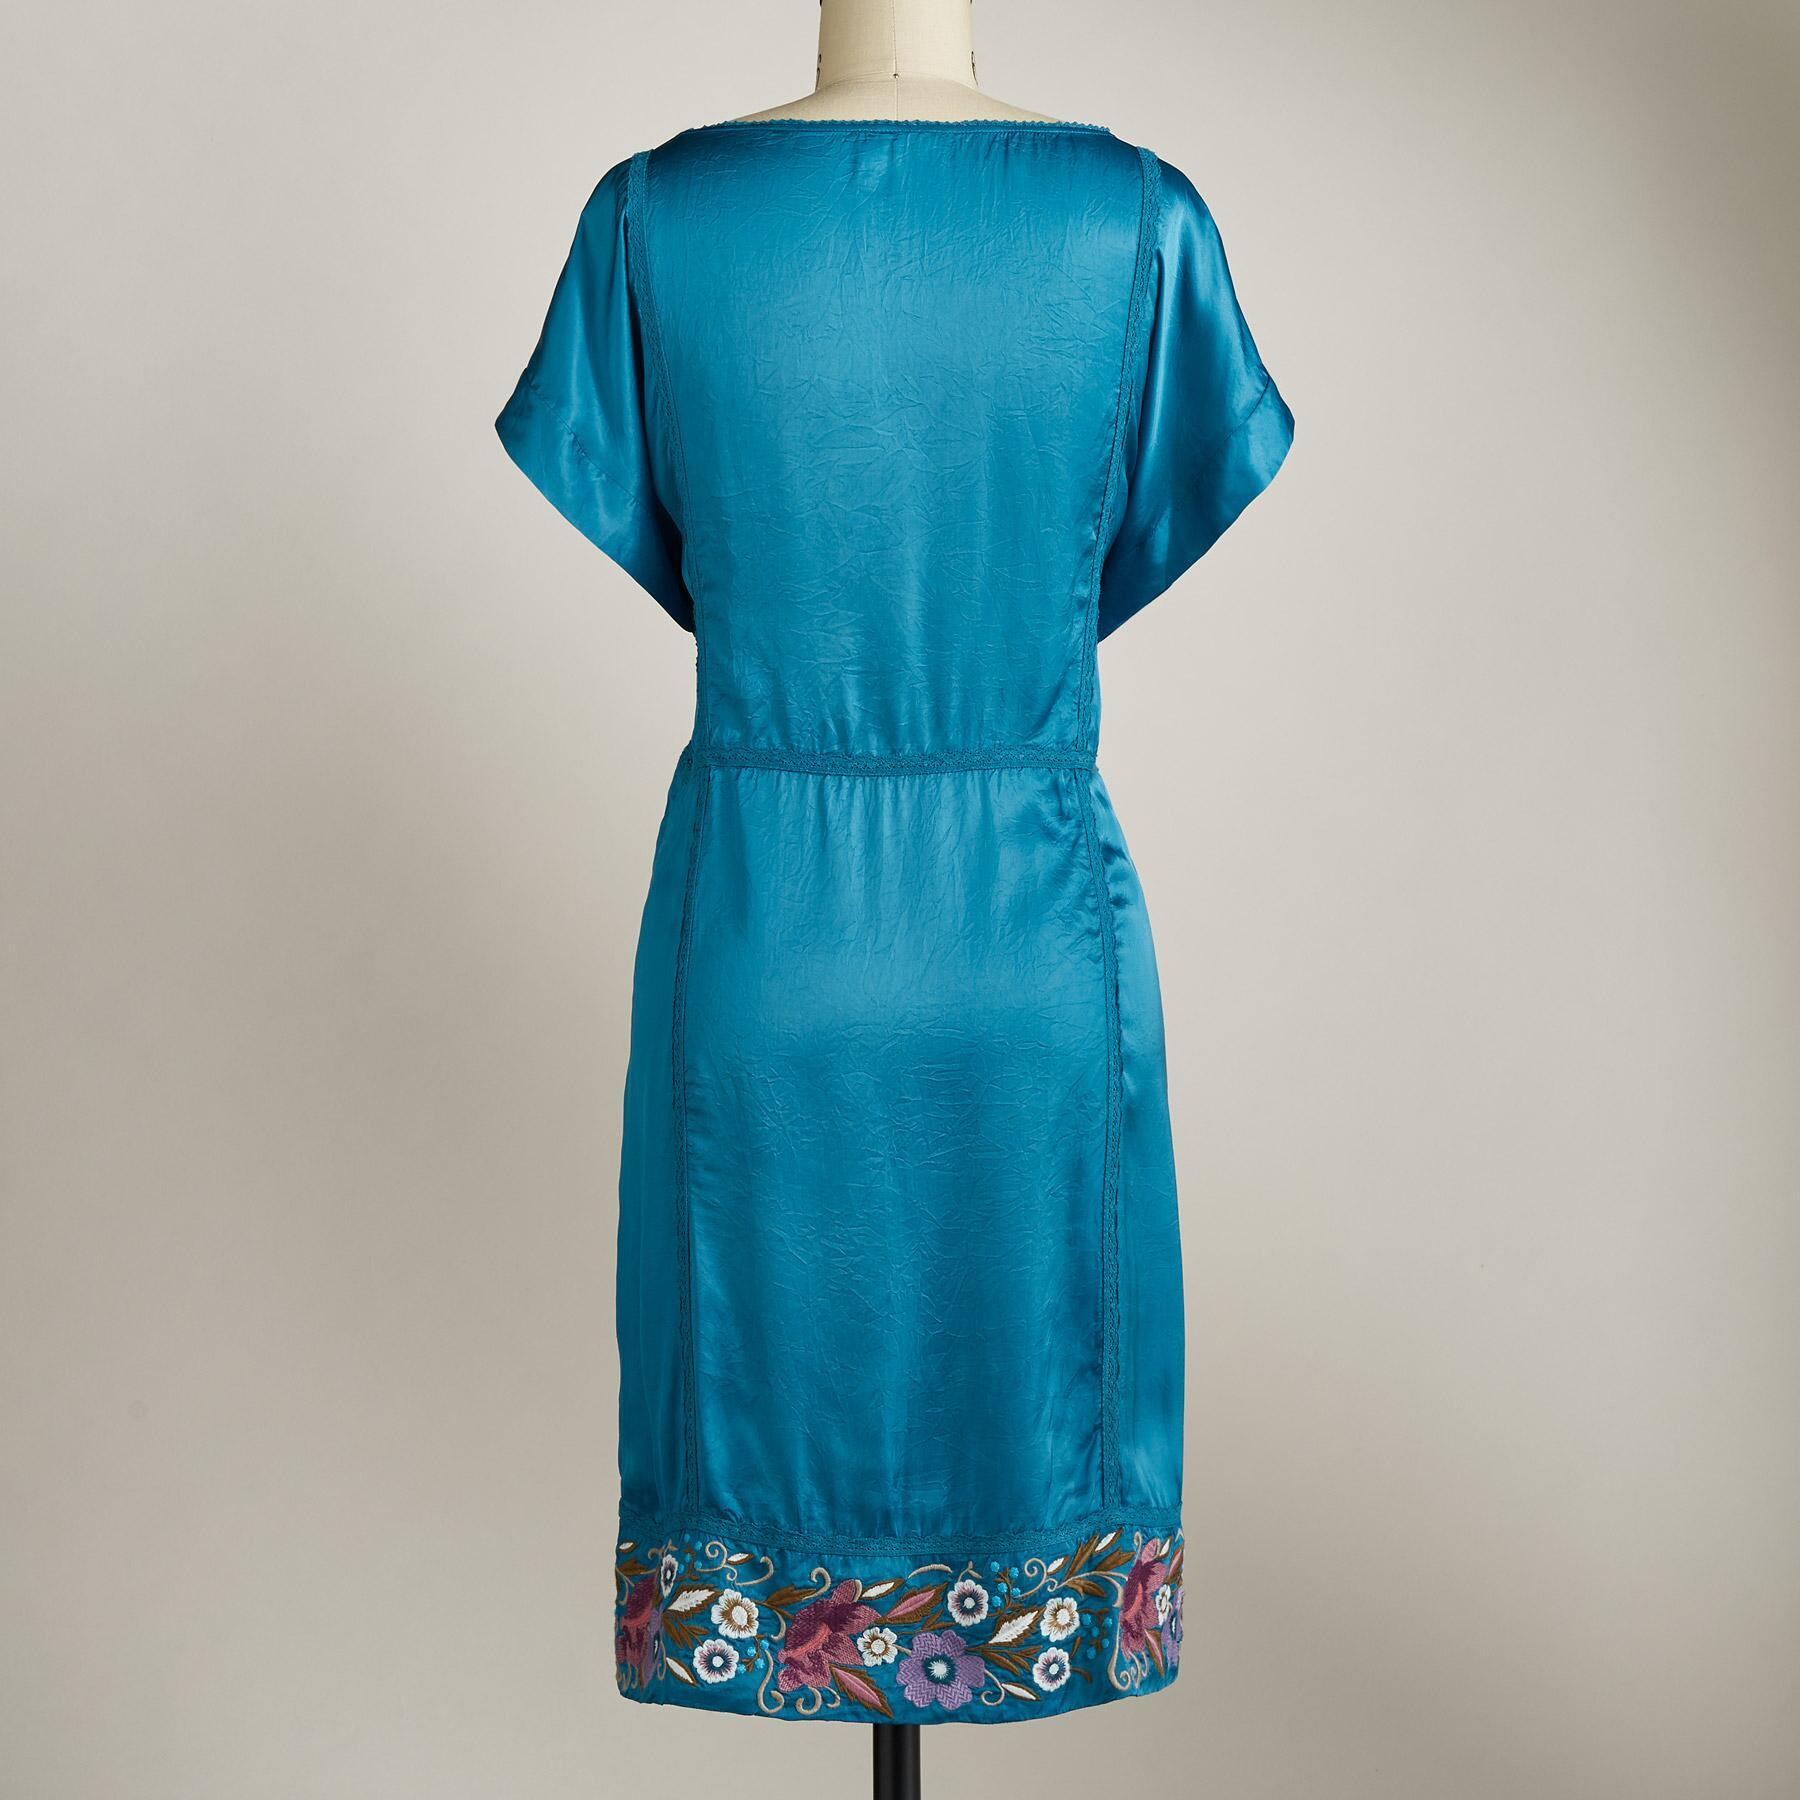 MALIKA DRESS: View 3